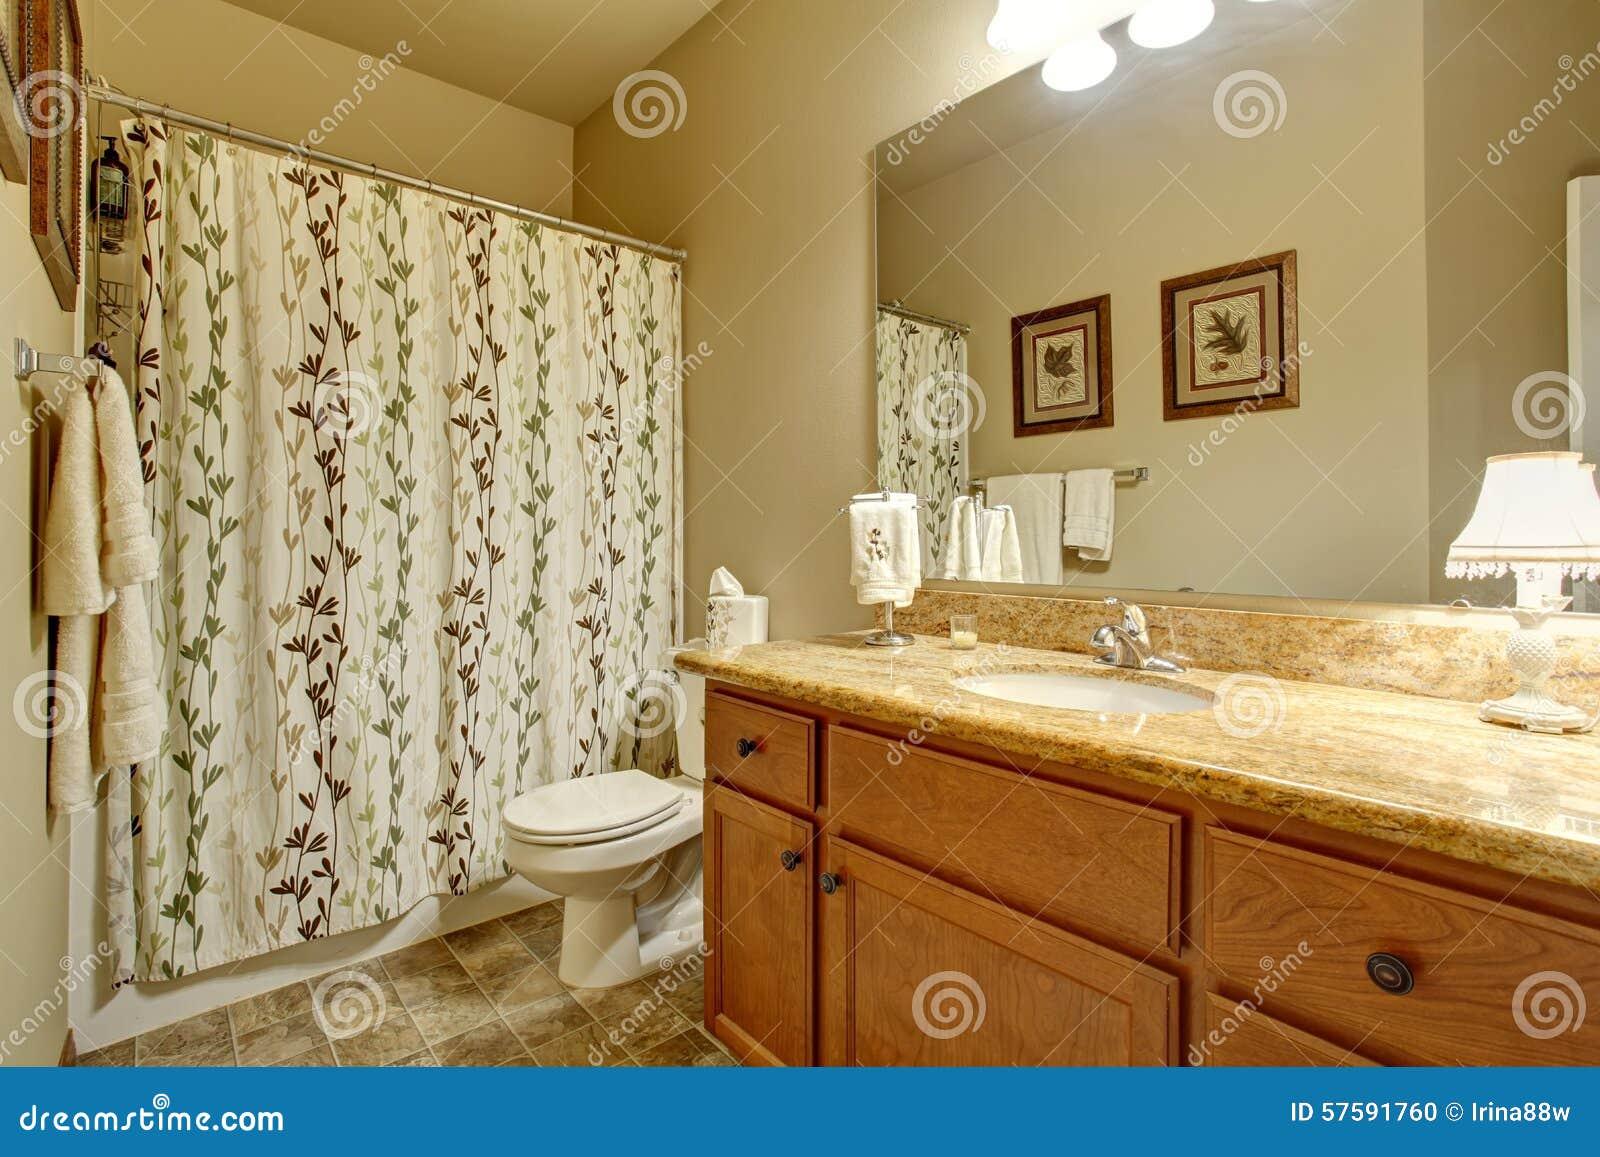 Modernes badezimmer mit dekorativem duschvorhang stockfoto bild 57591760